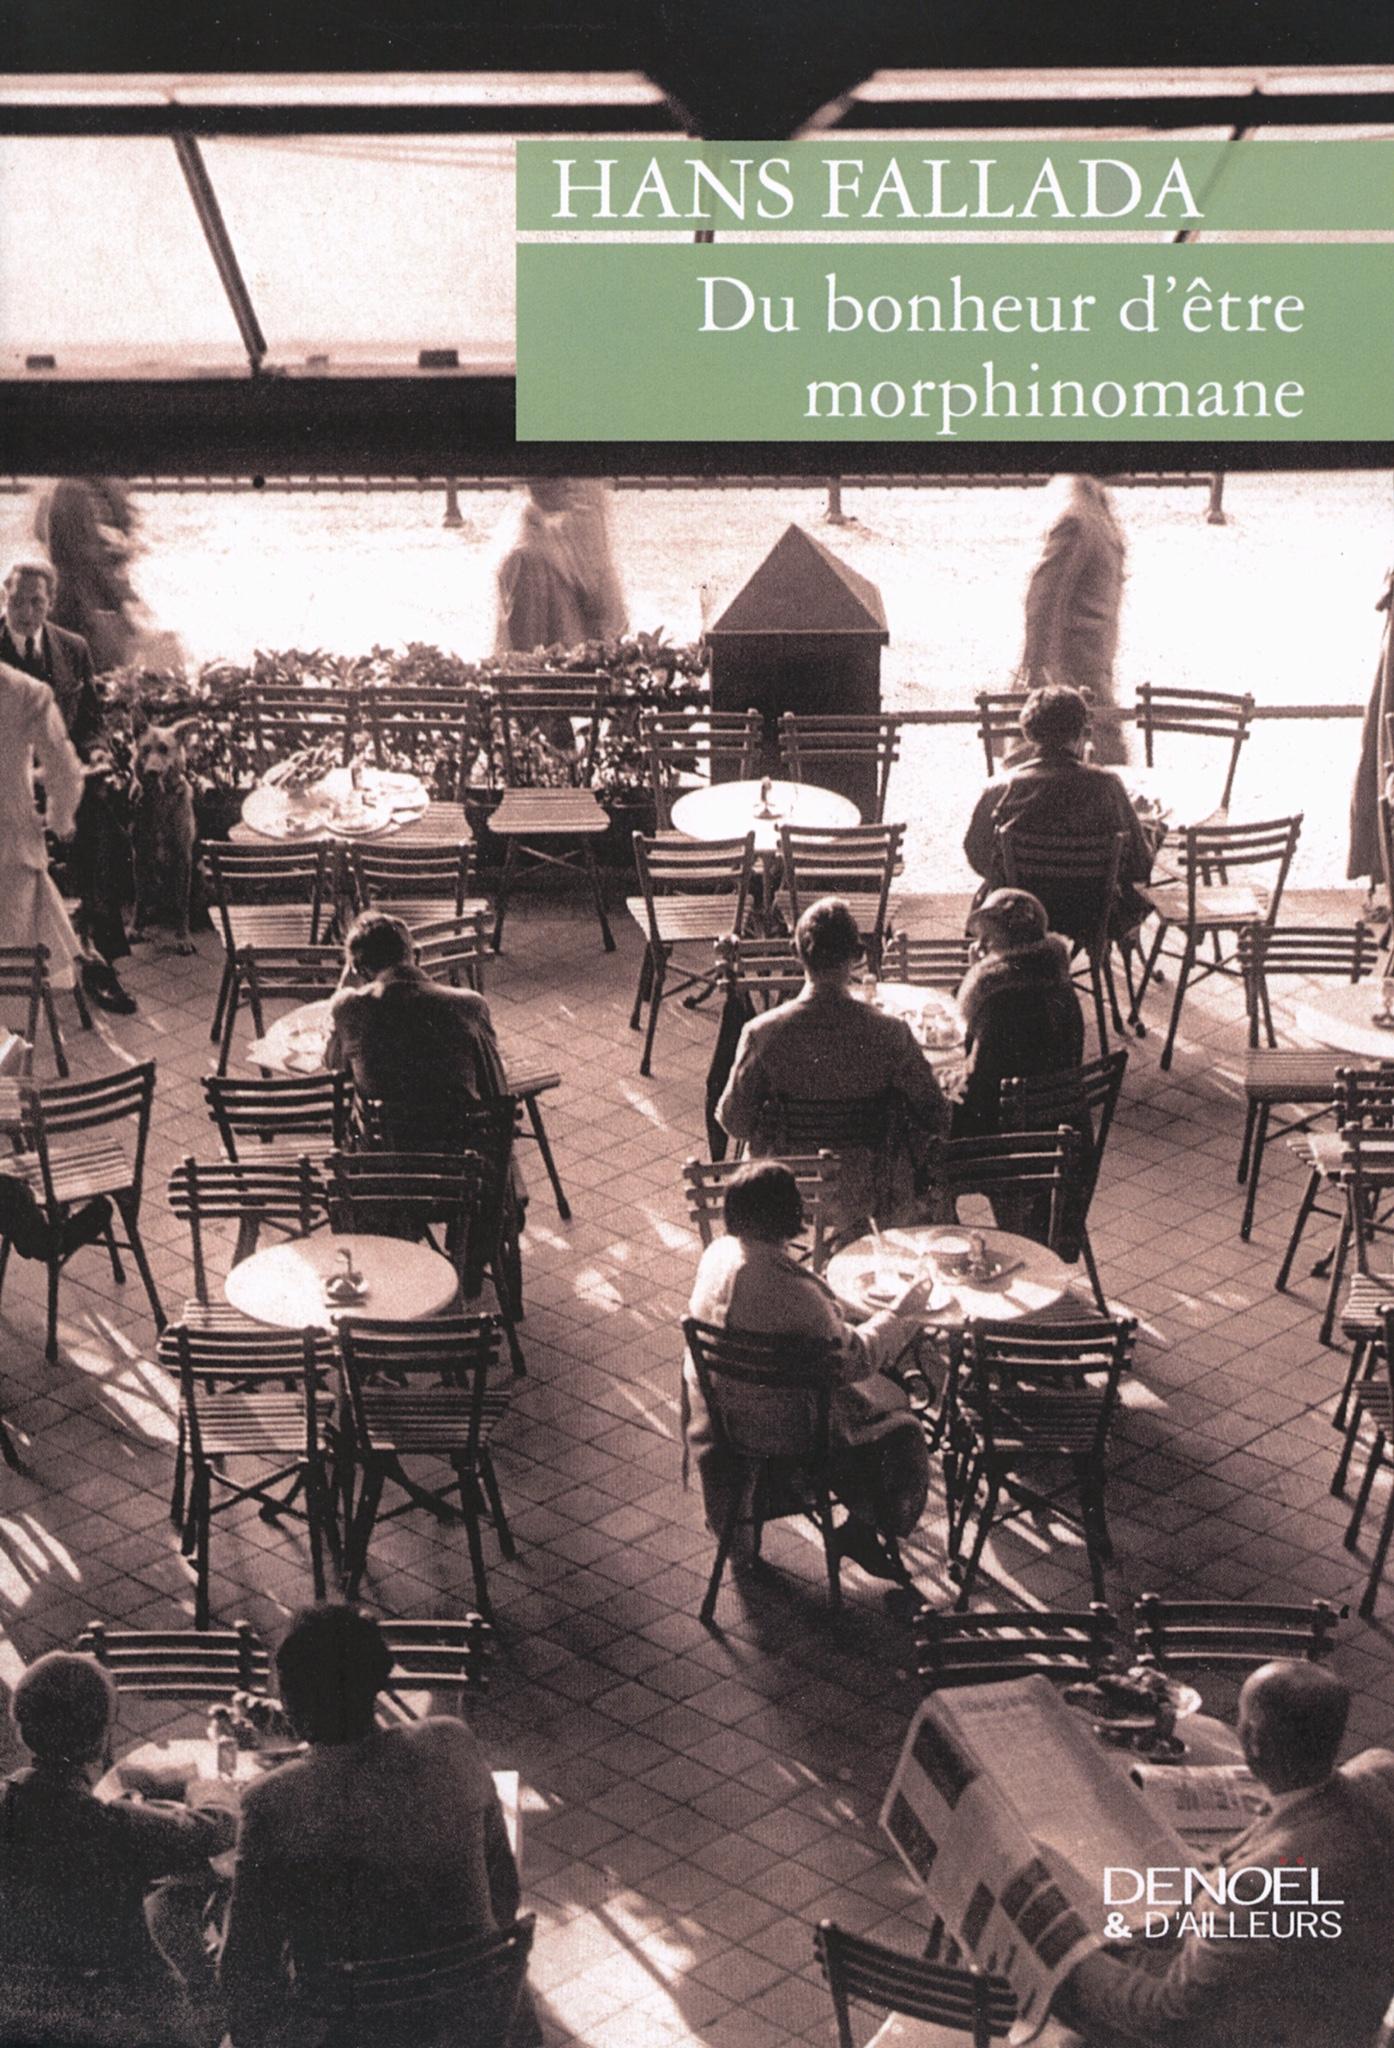 Du bonheur d'être morphinomane